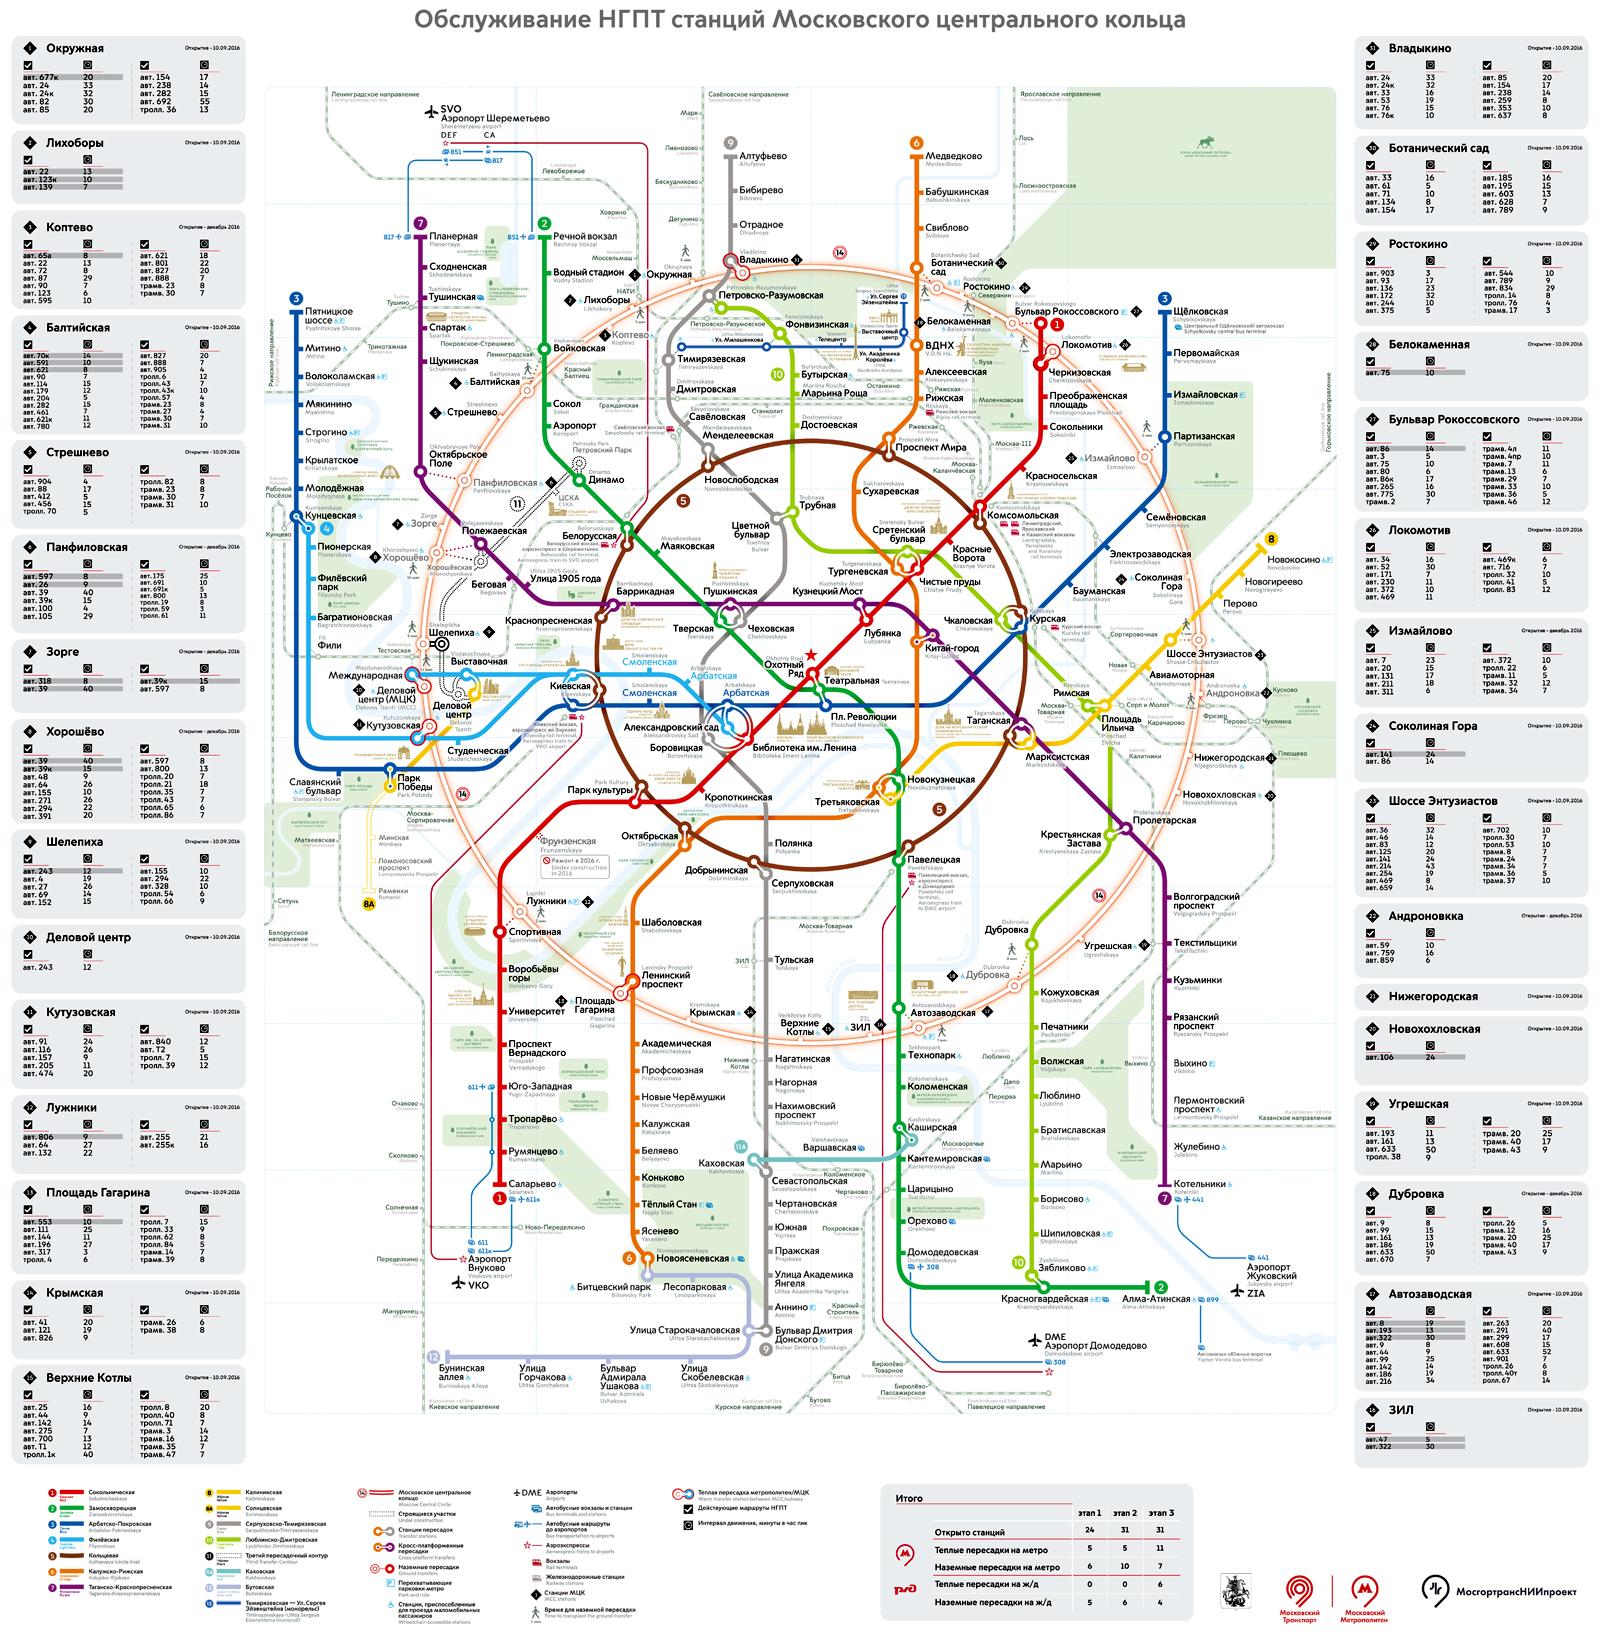 Схема мцк московское центральное фото 328